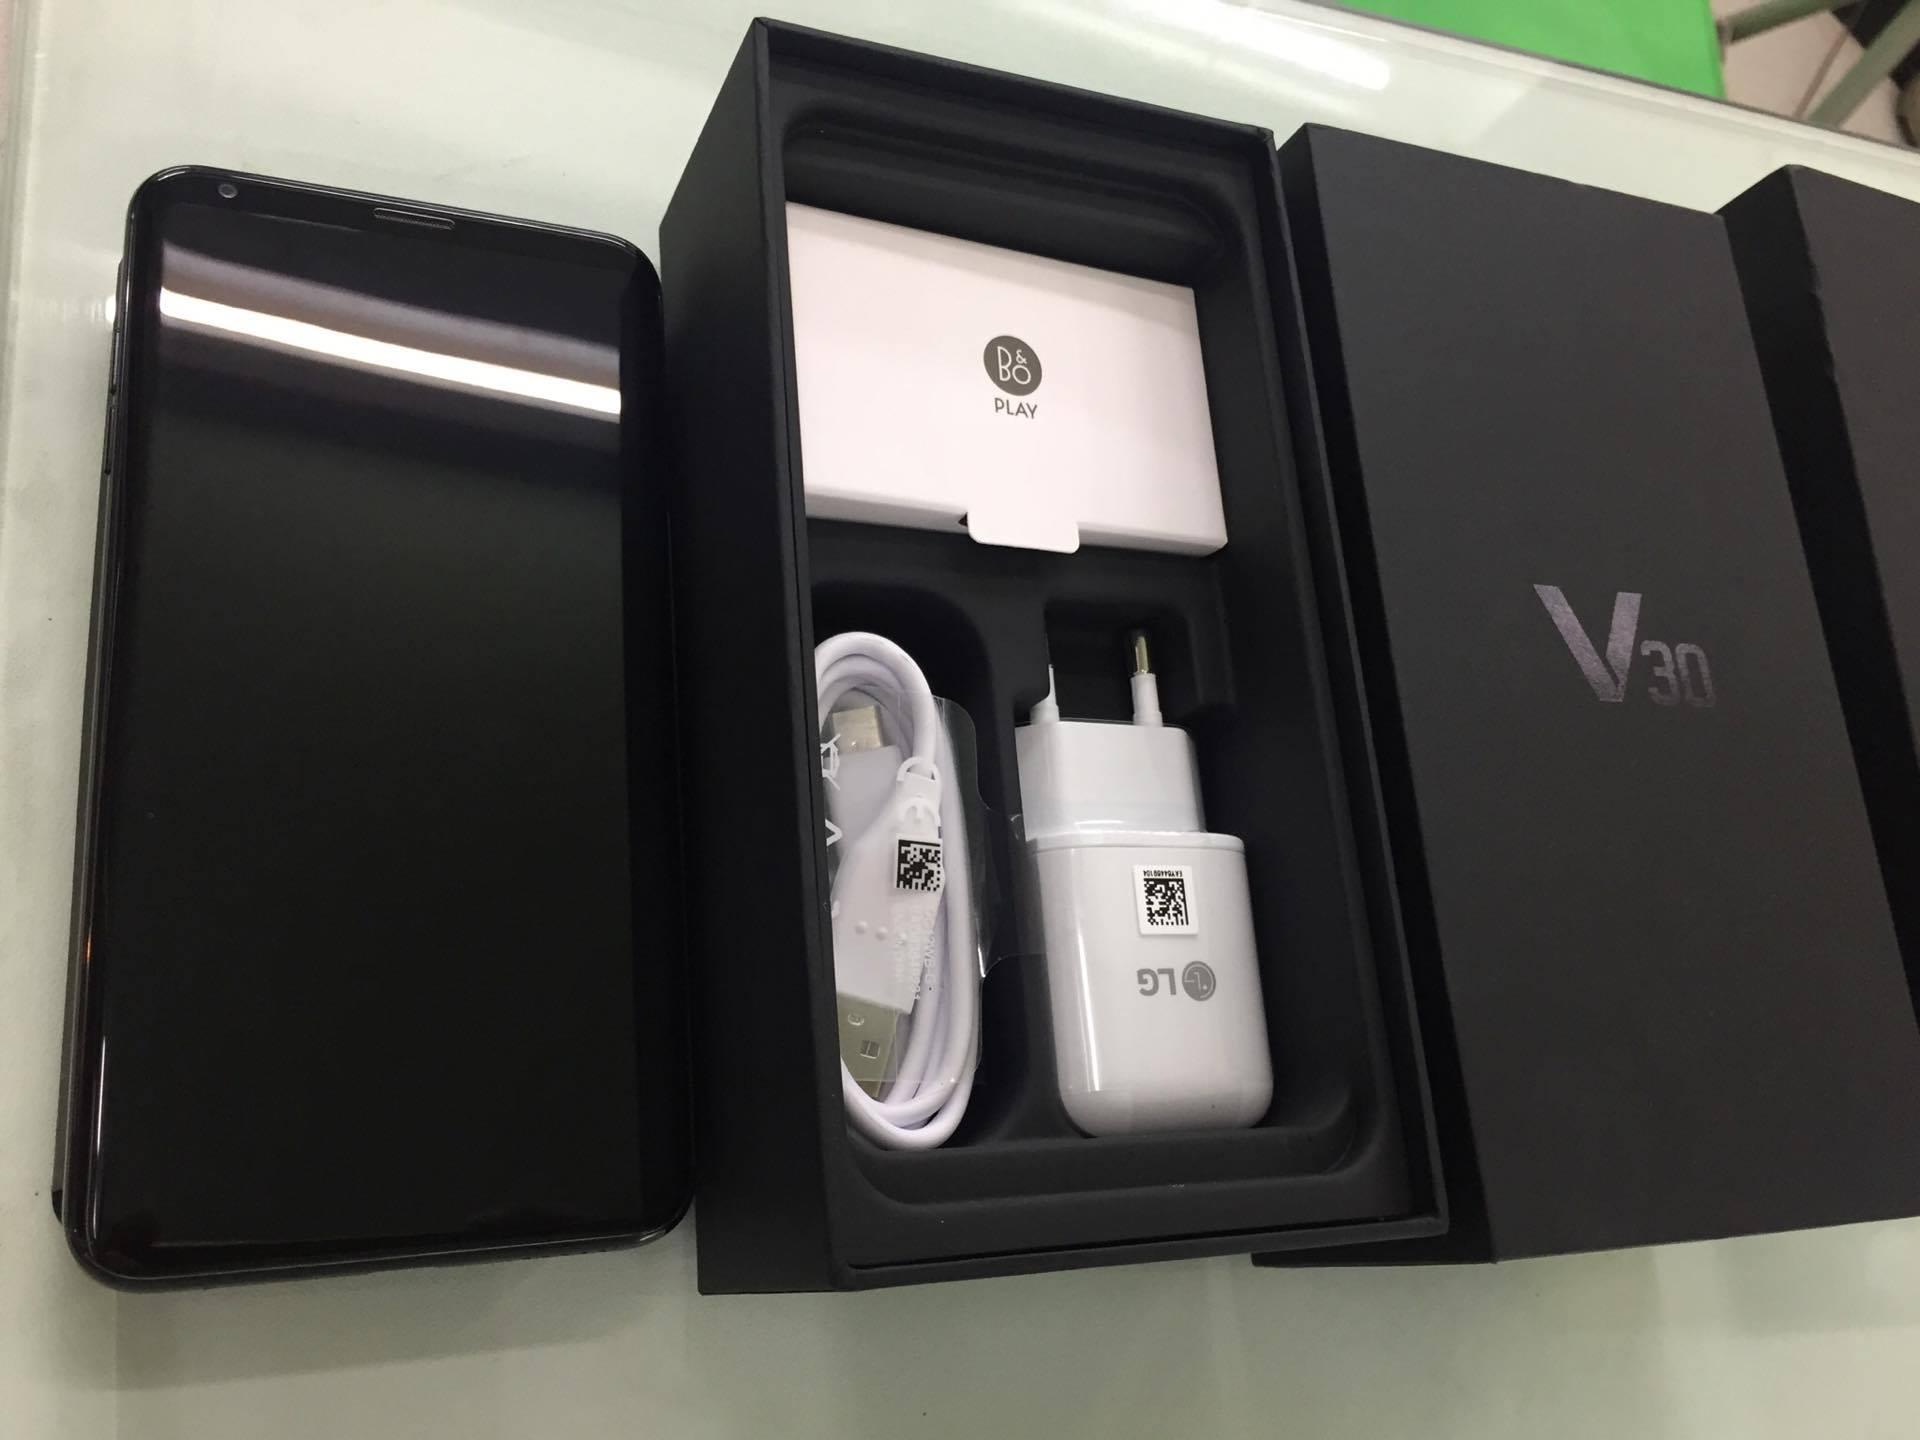 7 Điện thoại LG V30, LG V35 tại Minmobile Hải Phòng : giá 3.900k